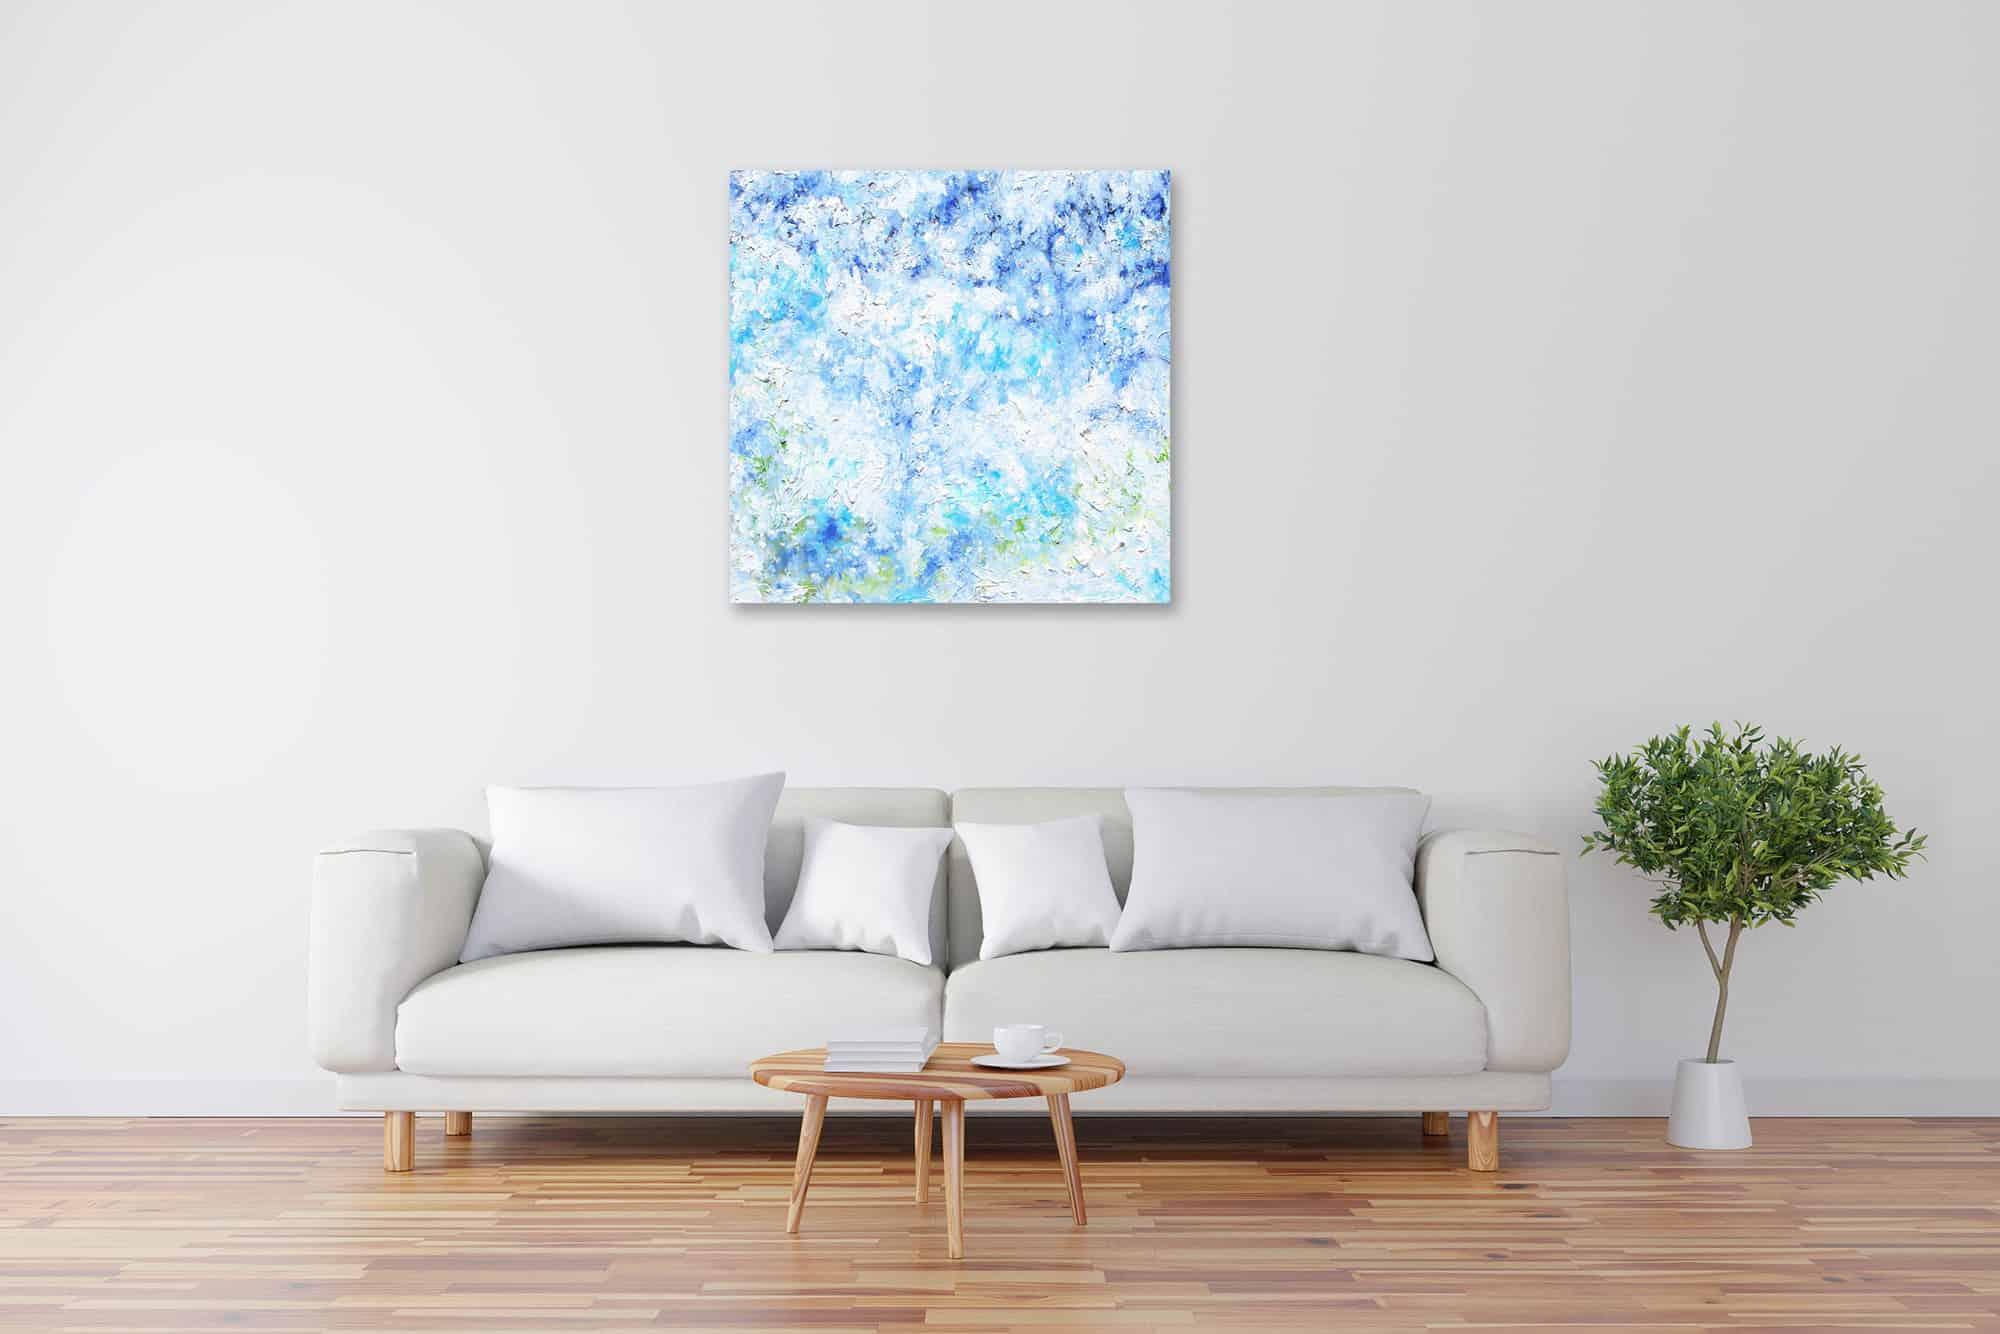 Acryl Gemälde abstrakter Himmel bild kaufen